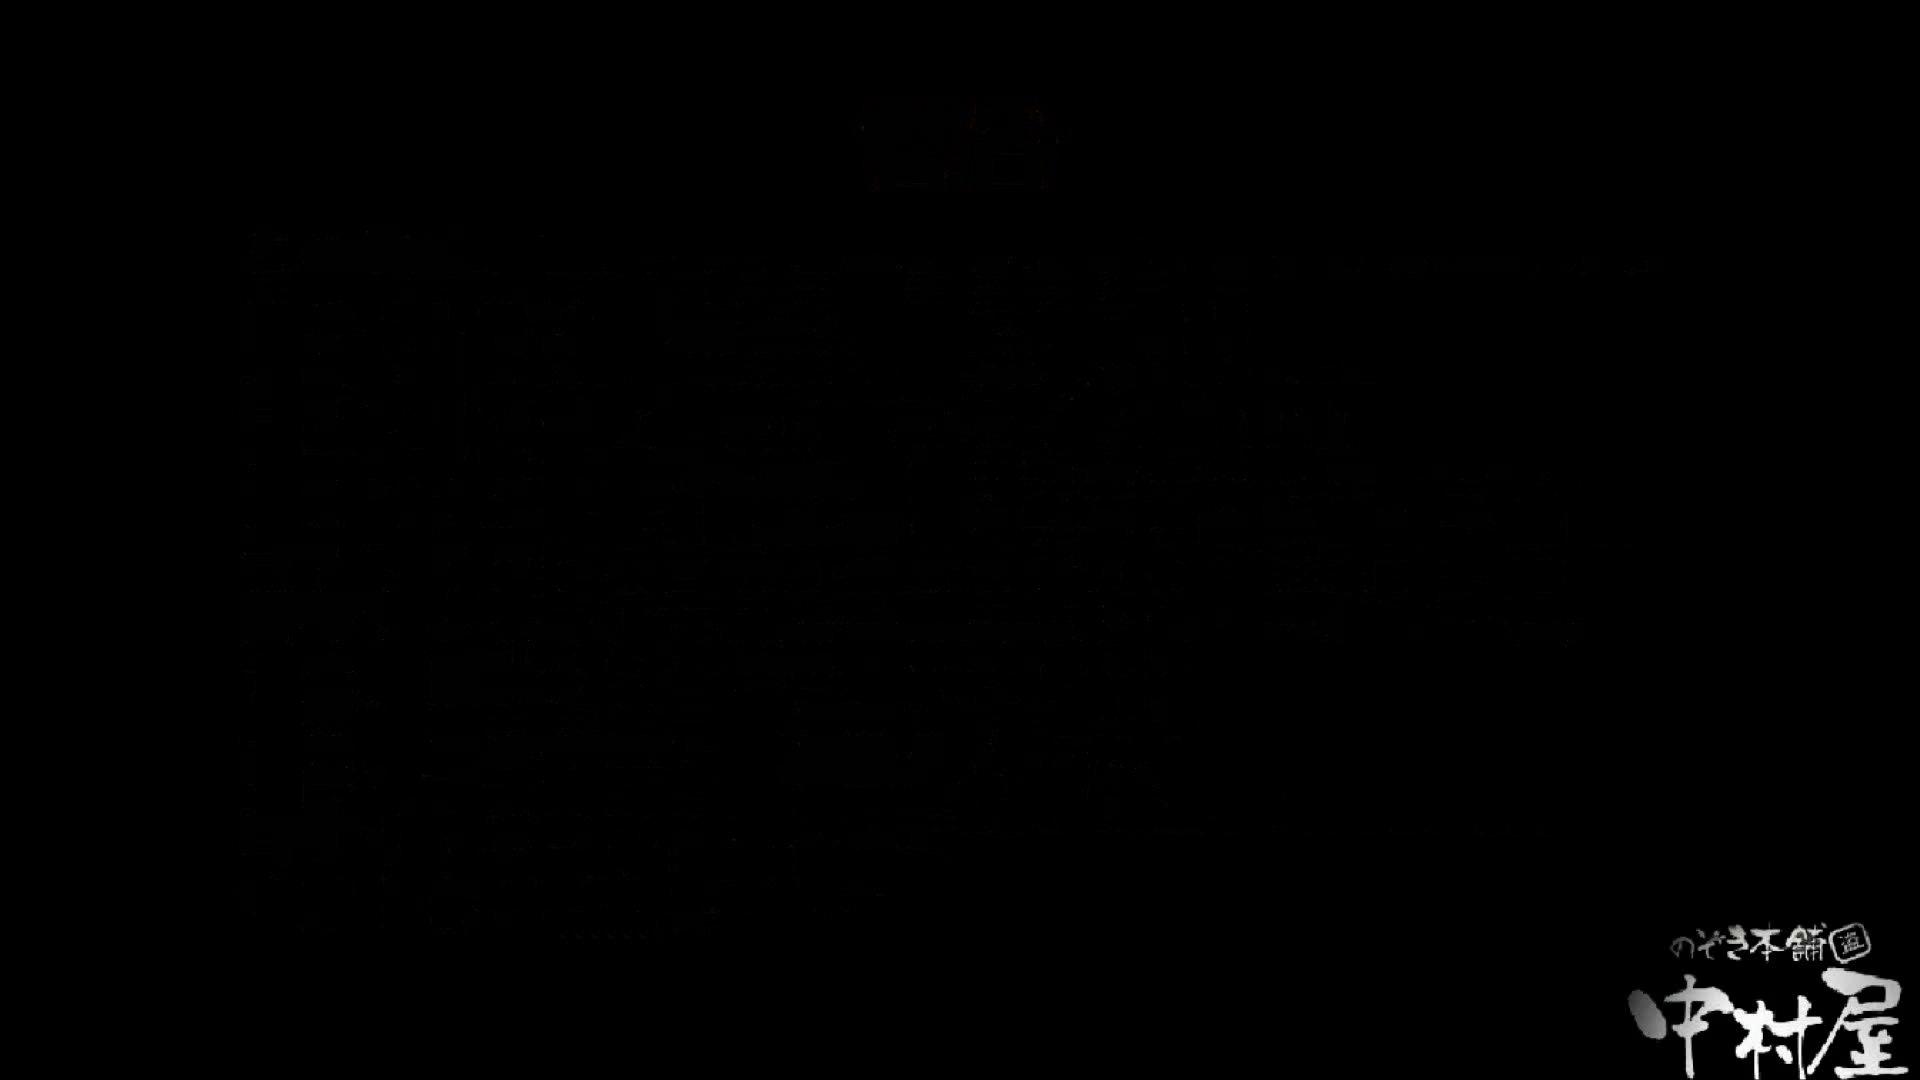 魂のかわや盗撮62連発! 丁寧にオシリをフキフキ! 38発目! 黄金水 | 盗撮特集  95画像 51